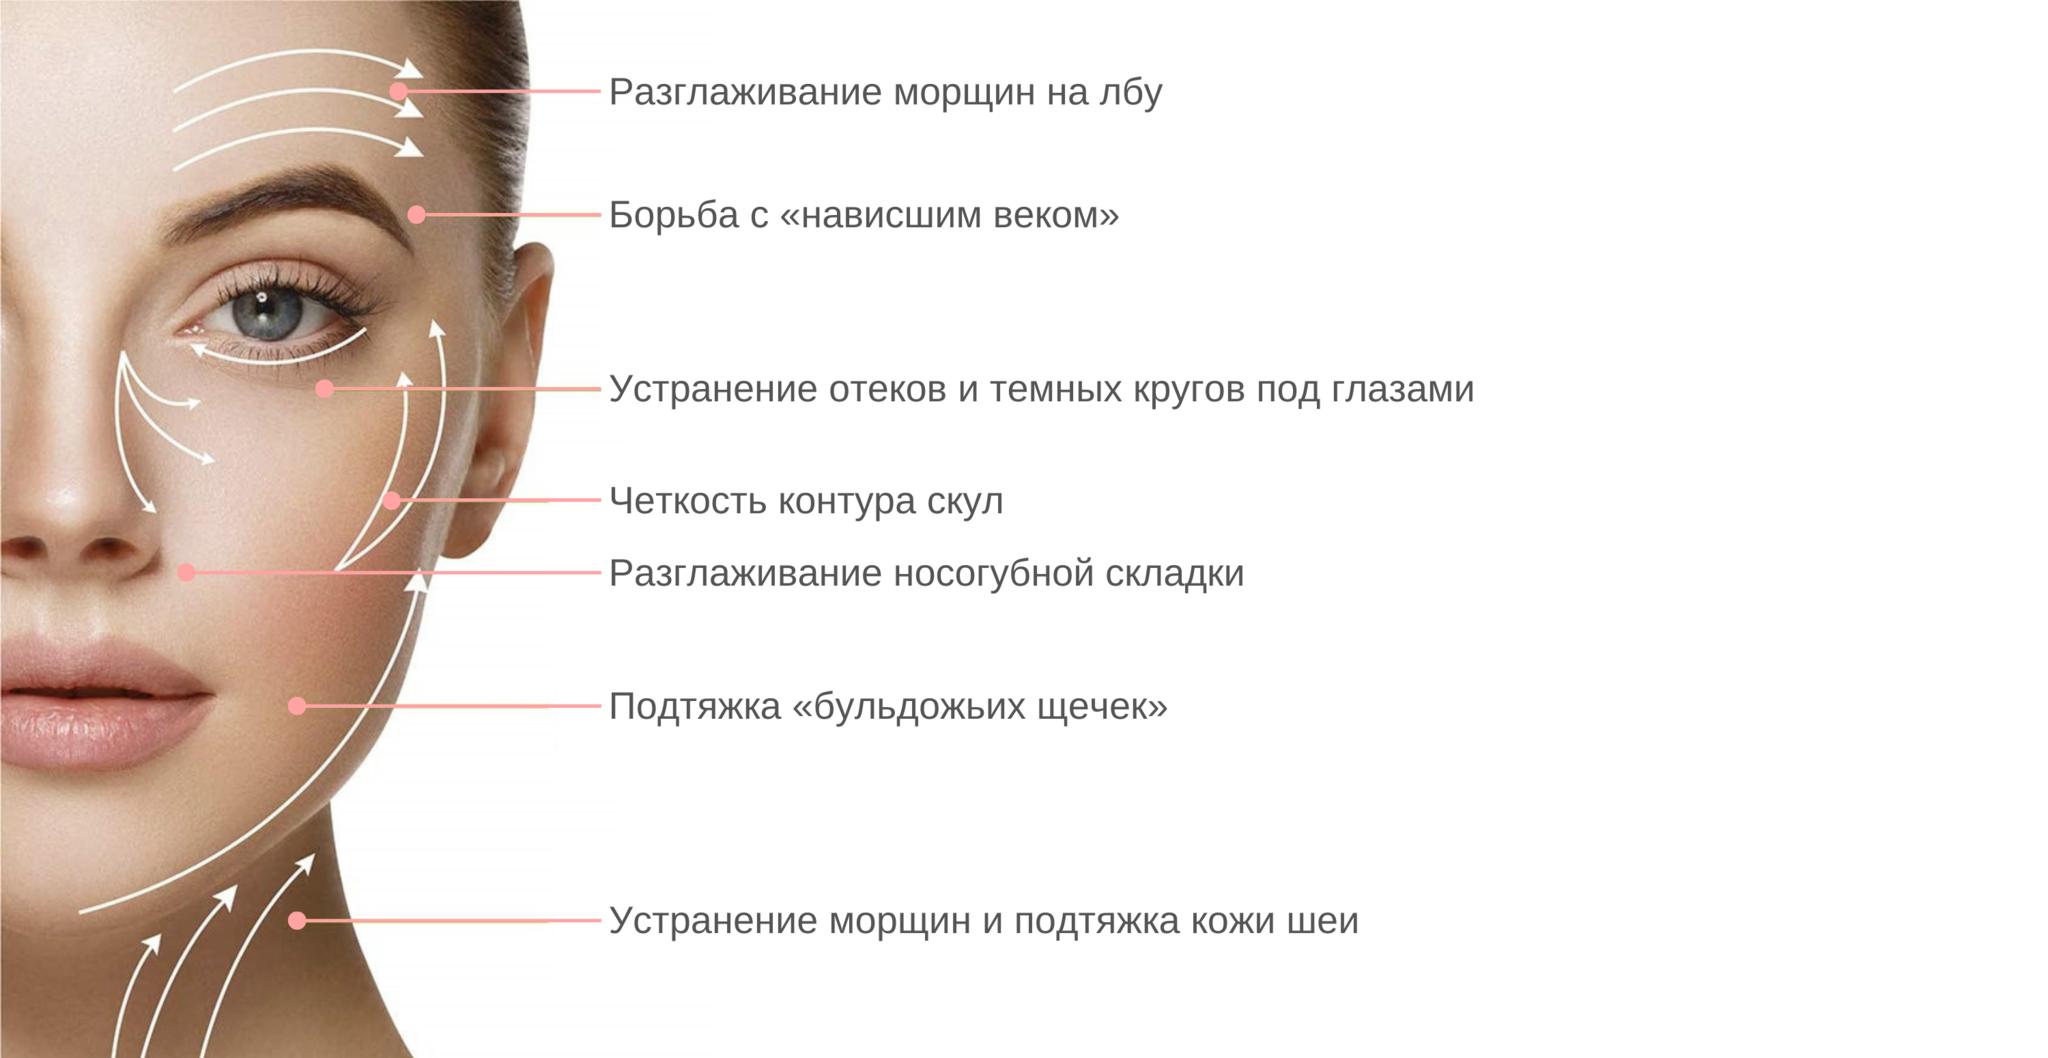 Нефритовый набор для массажа 3 в 1: большой ролик + малый ролик + скребок Гуаша